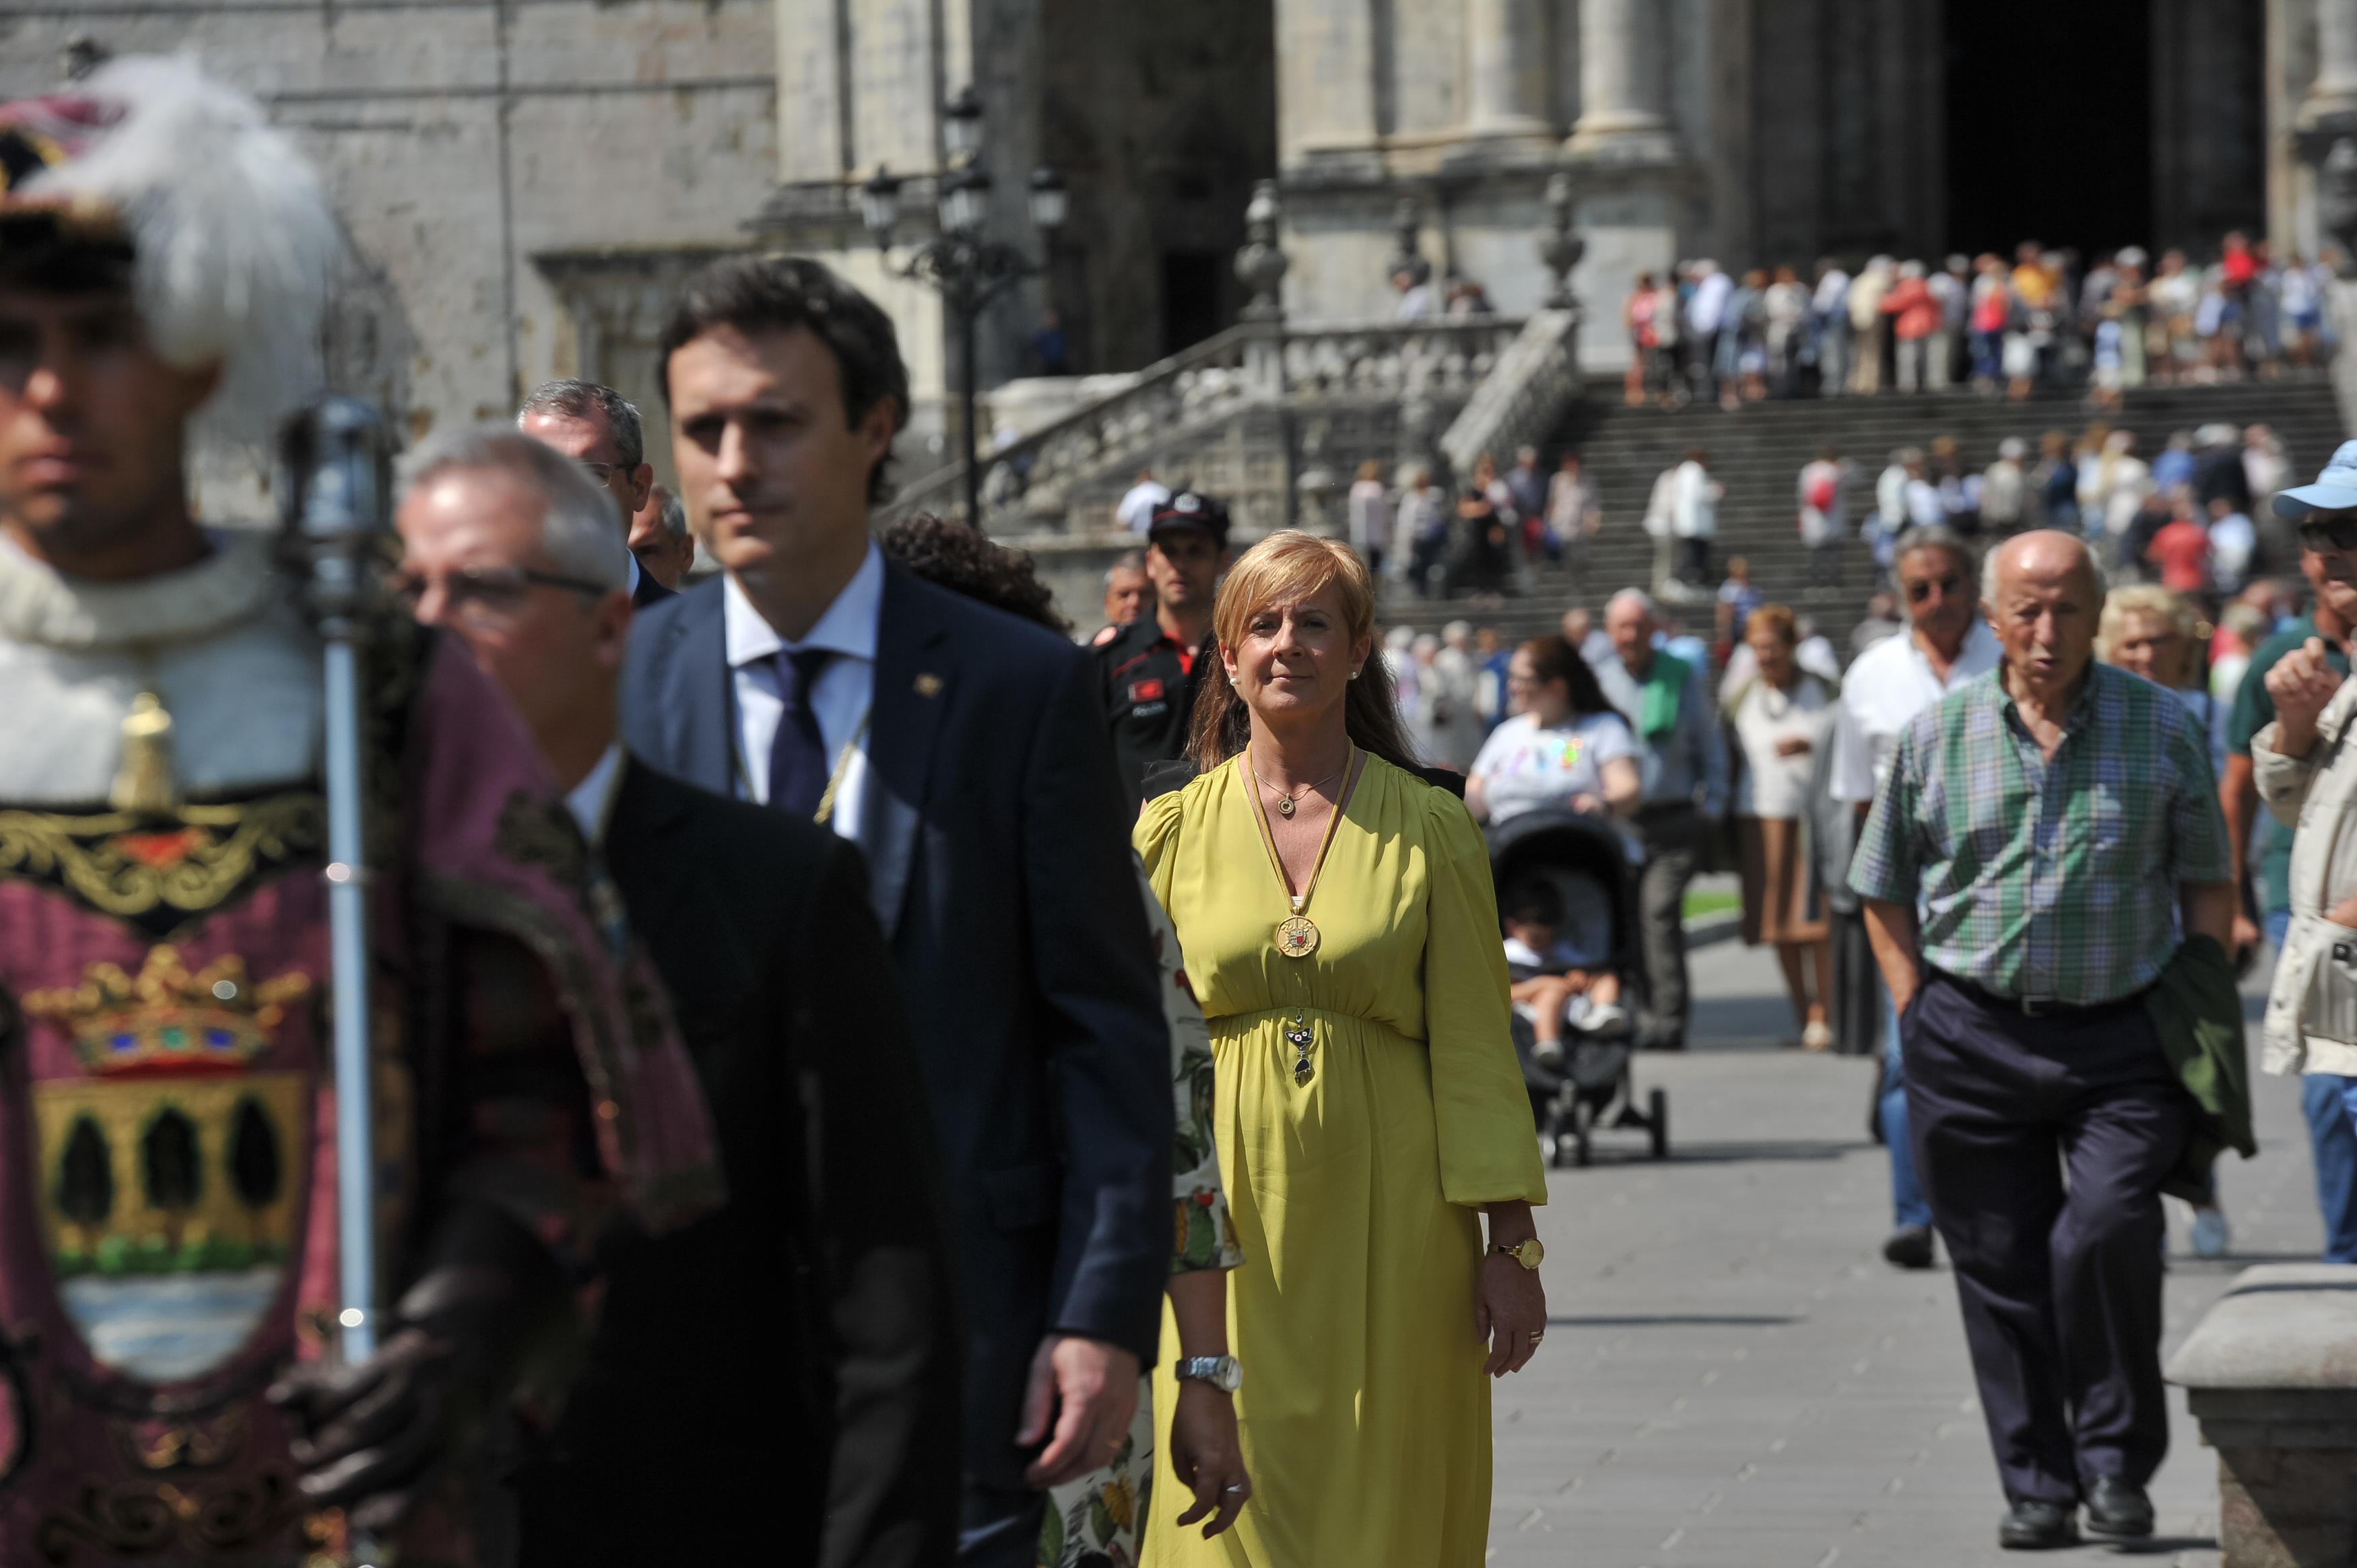 Arantxa Tapia sailburuaren adierazpenak Espainiako Gobernu ezak euskal azpiegituren garapenari eragiten dizkion kalteei buruz